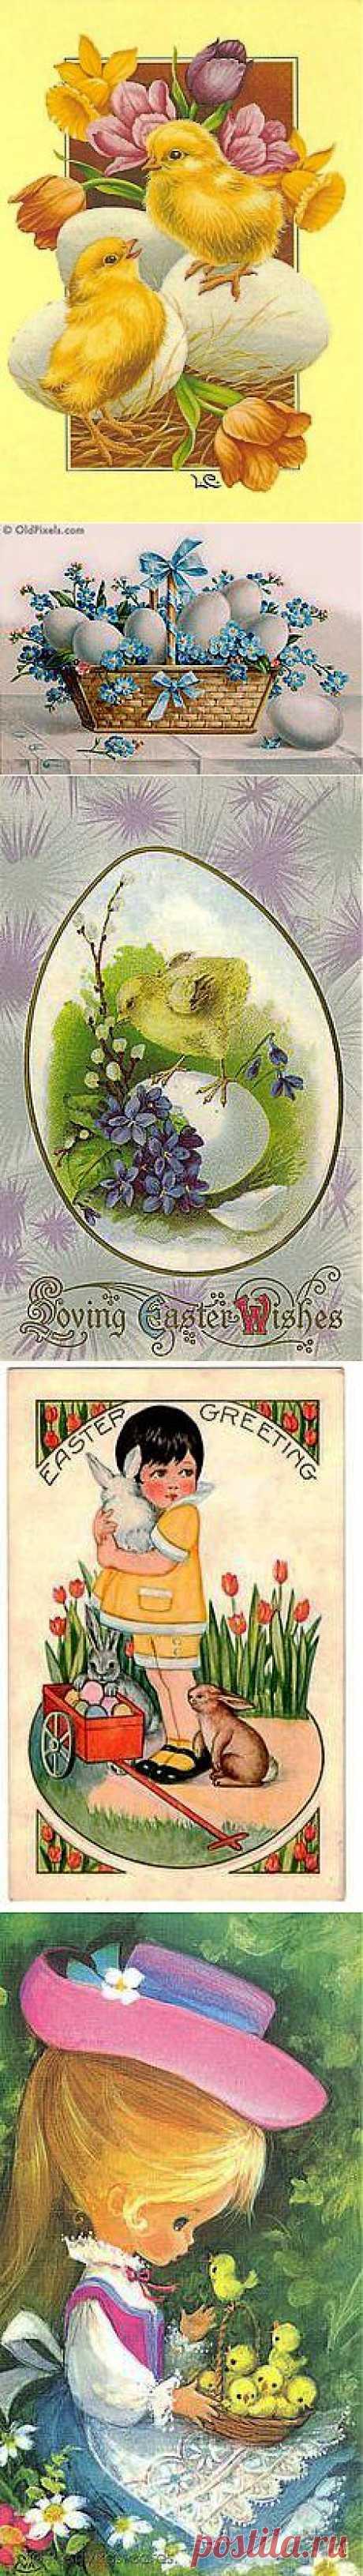 Vintage easter | Vintage Easter Images